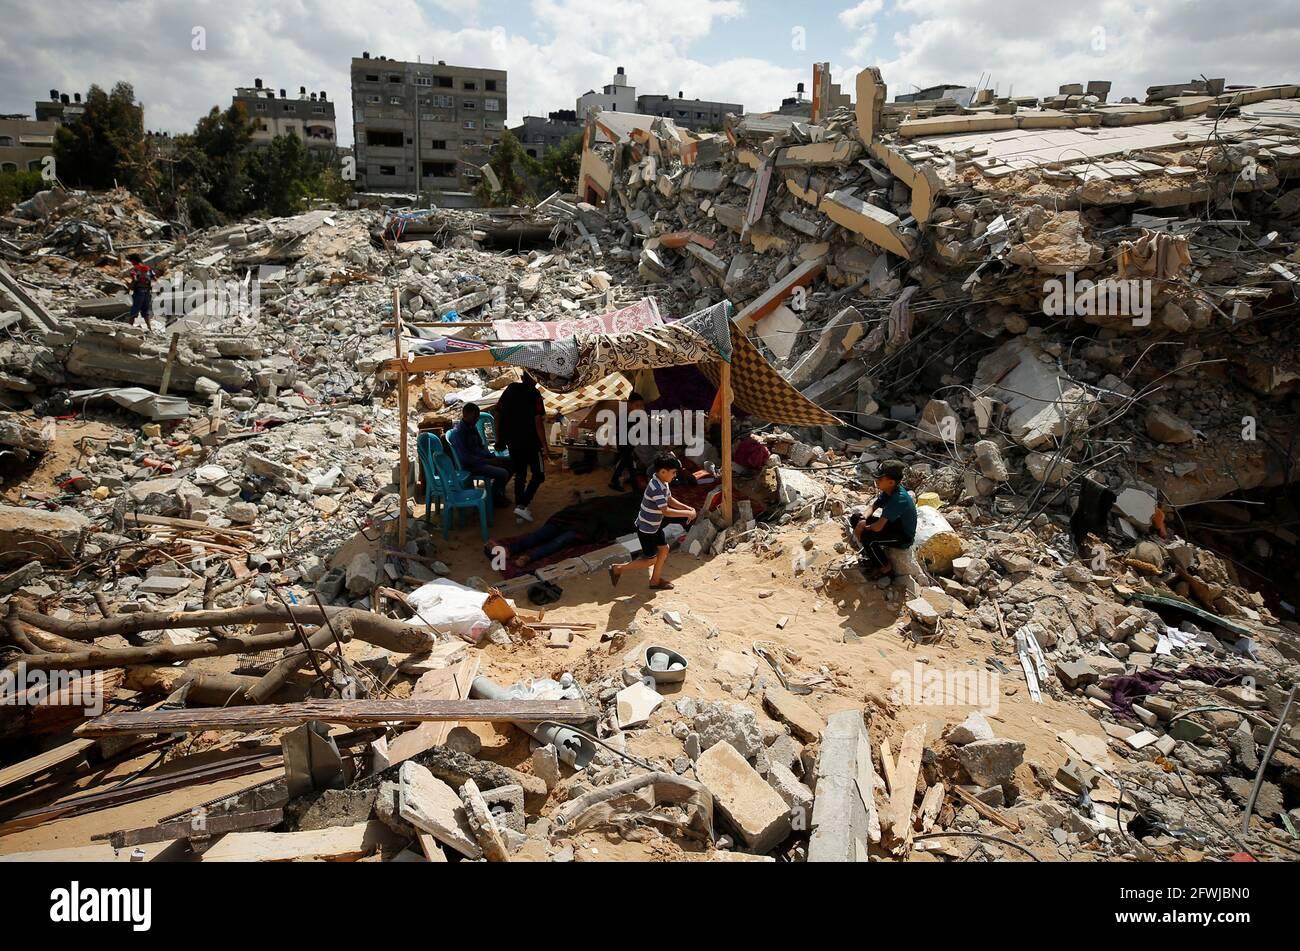 Palästinenser sitzen in einem provisorischen Zelt inmitten der Trümmer ihrer Häuser, die durch israelische Luftangriffe während der Kämpfe zwischen Israel und der Hamas im Gazastreifen am 23. Mai 2021 zerstört wurden. REUTERS/Mohammed Salem Stockfoto